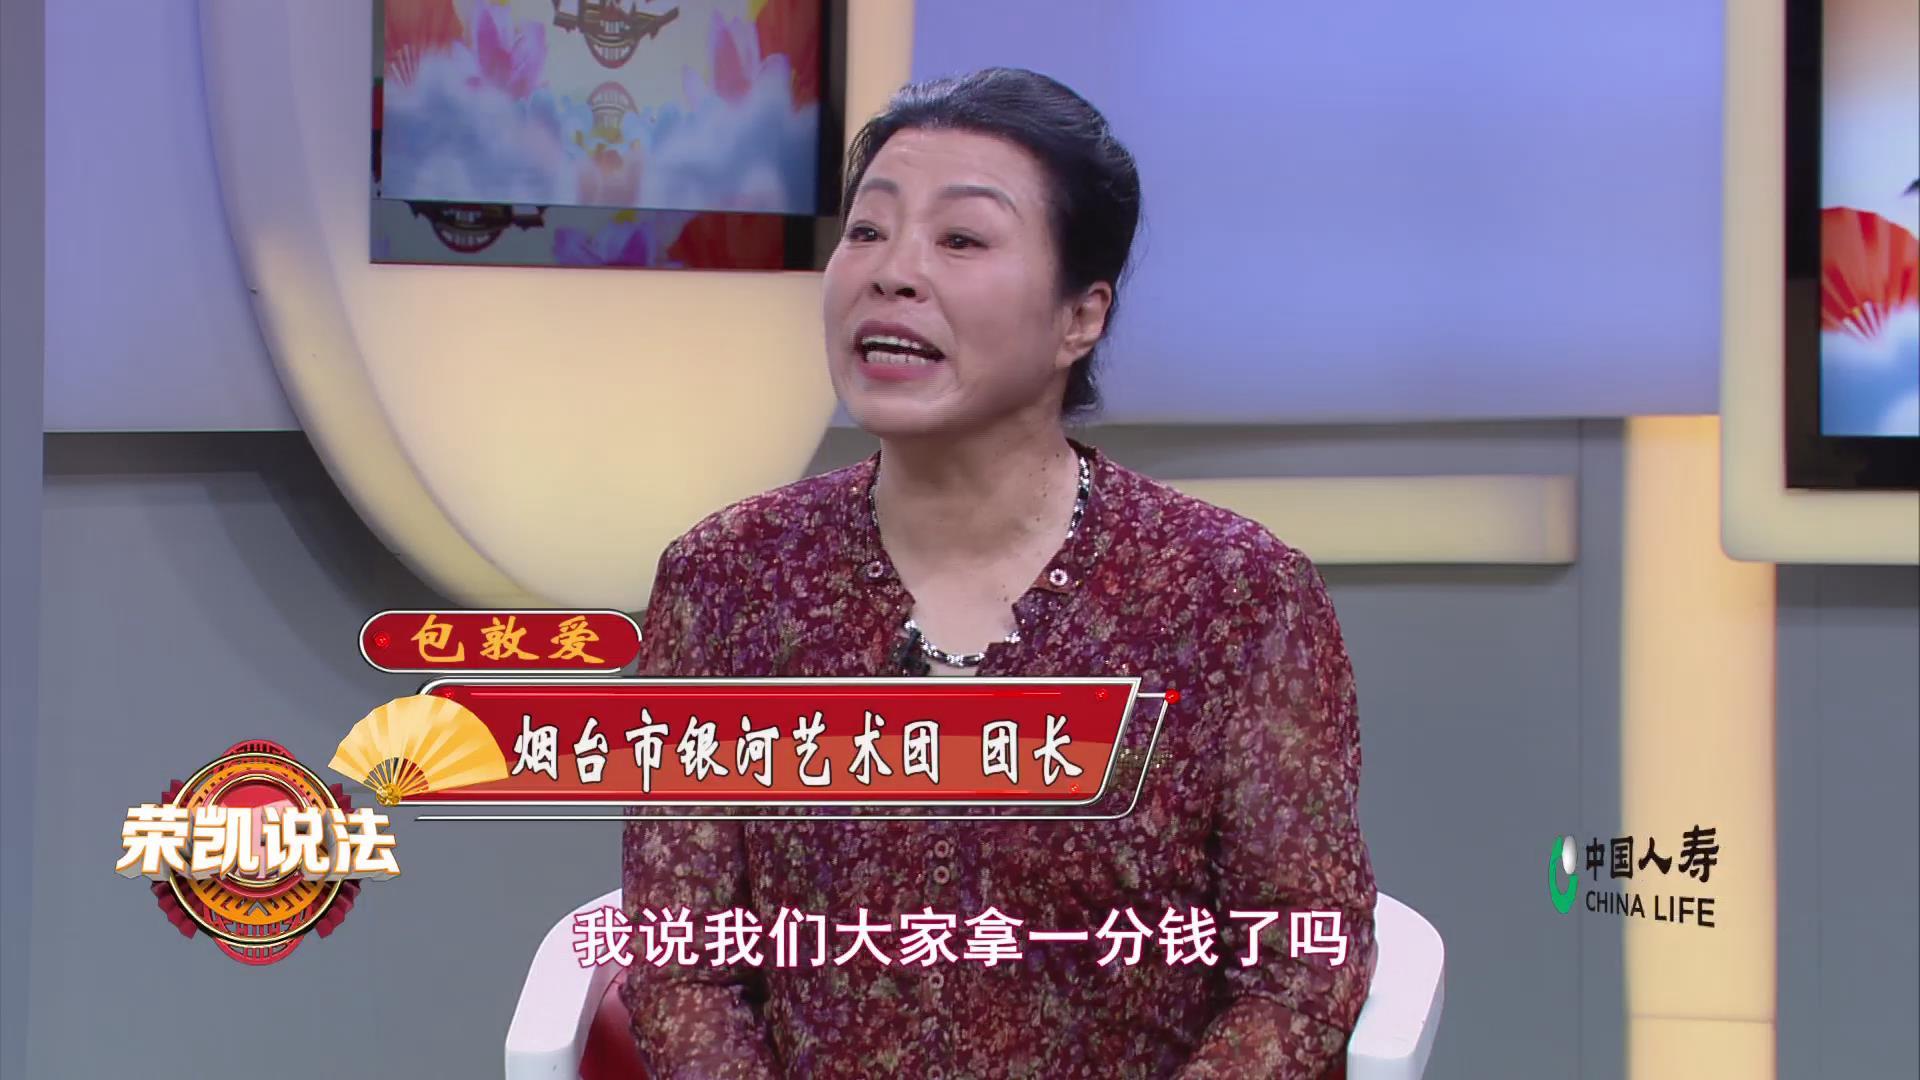 中国式养老-包敦爱:在舞蹈中得到救赎的团长